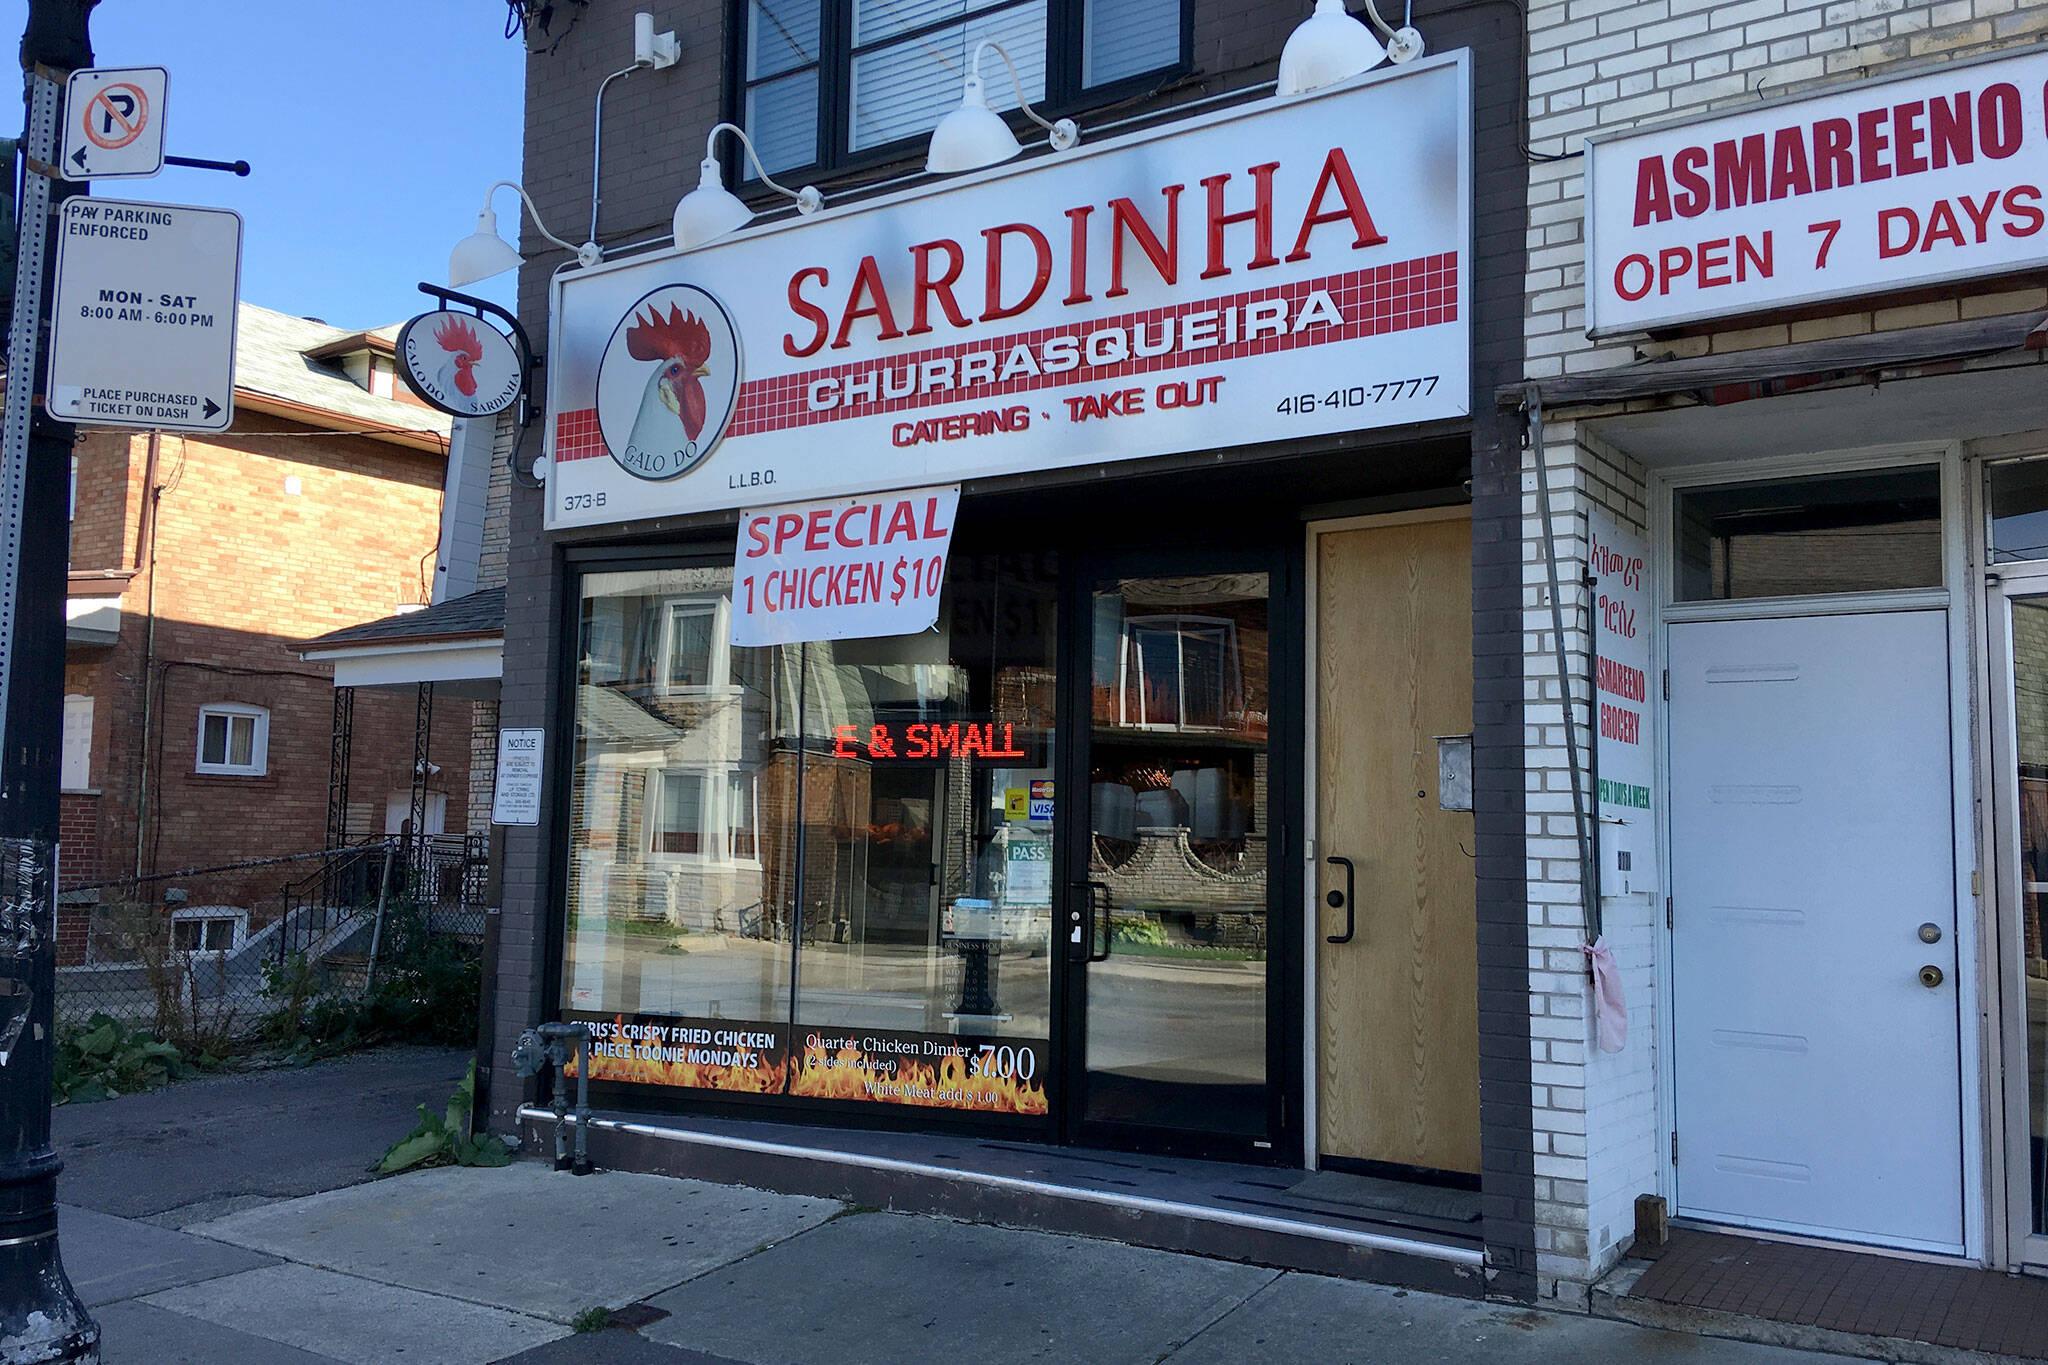 Sardinha Churrasqueira Toronto